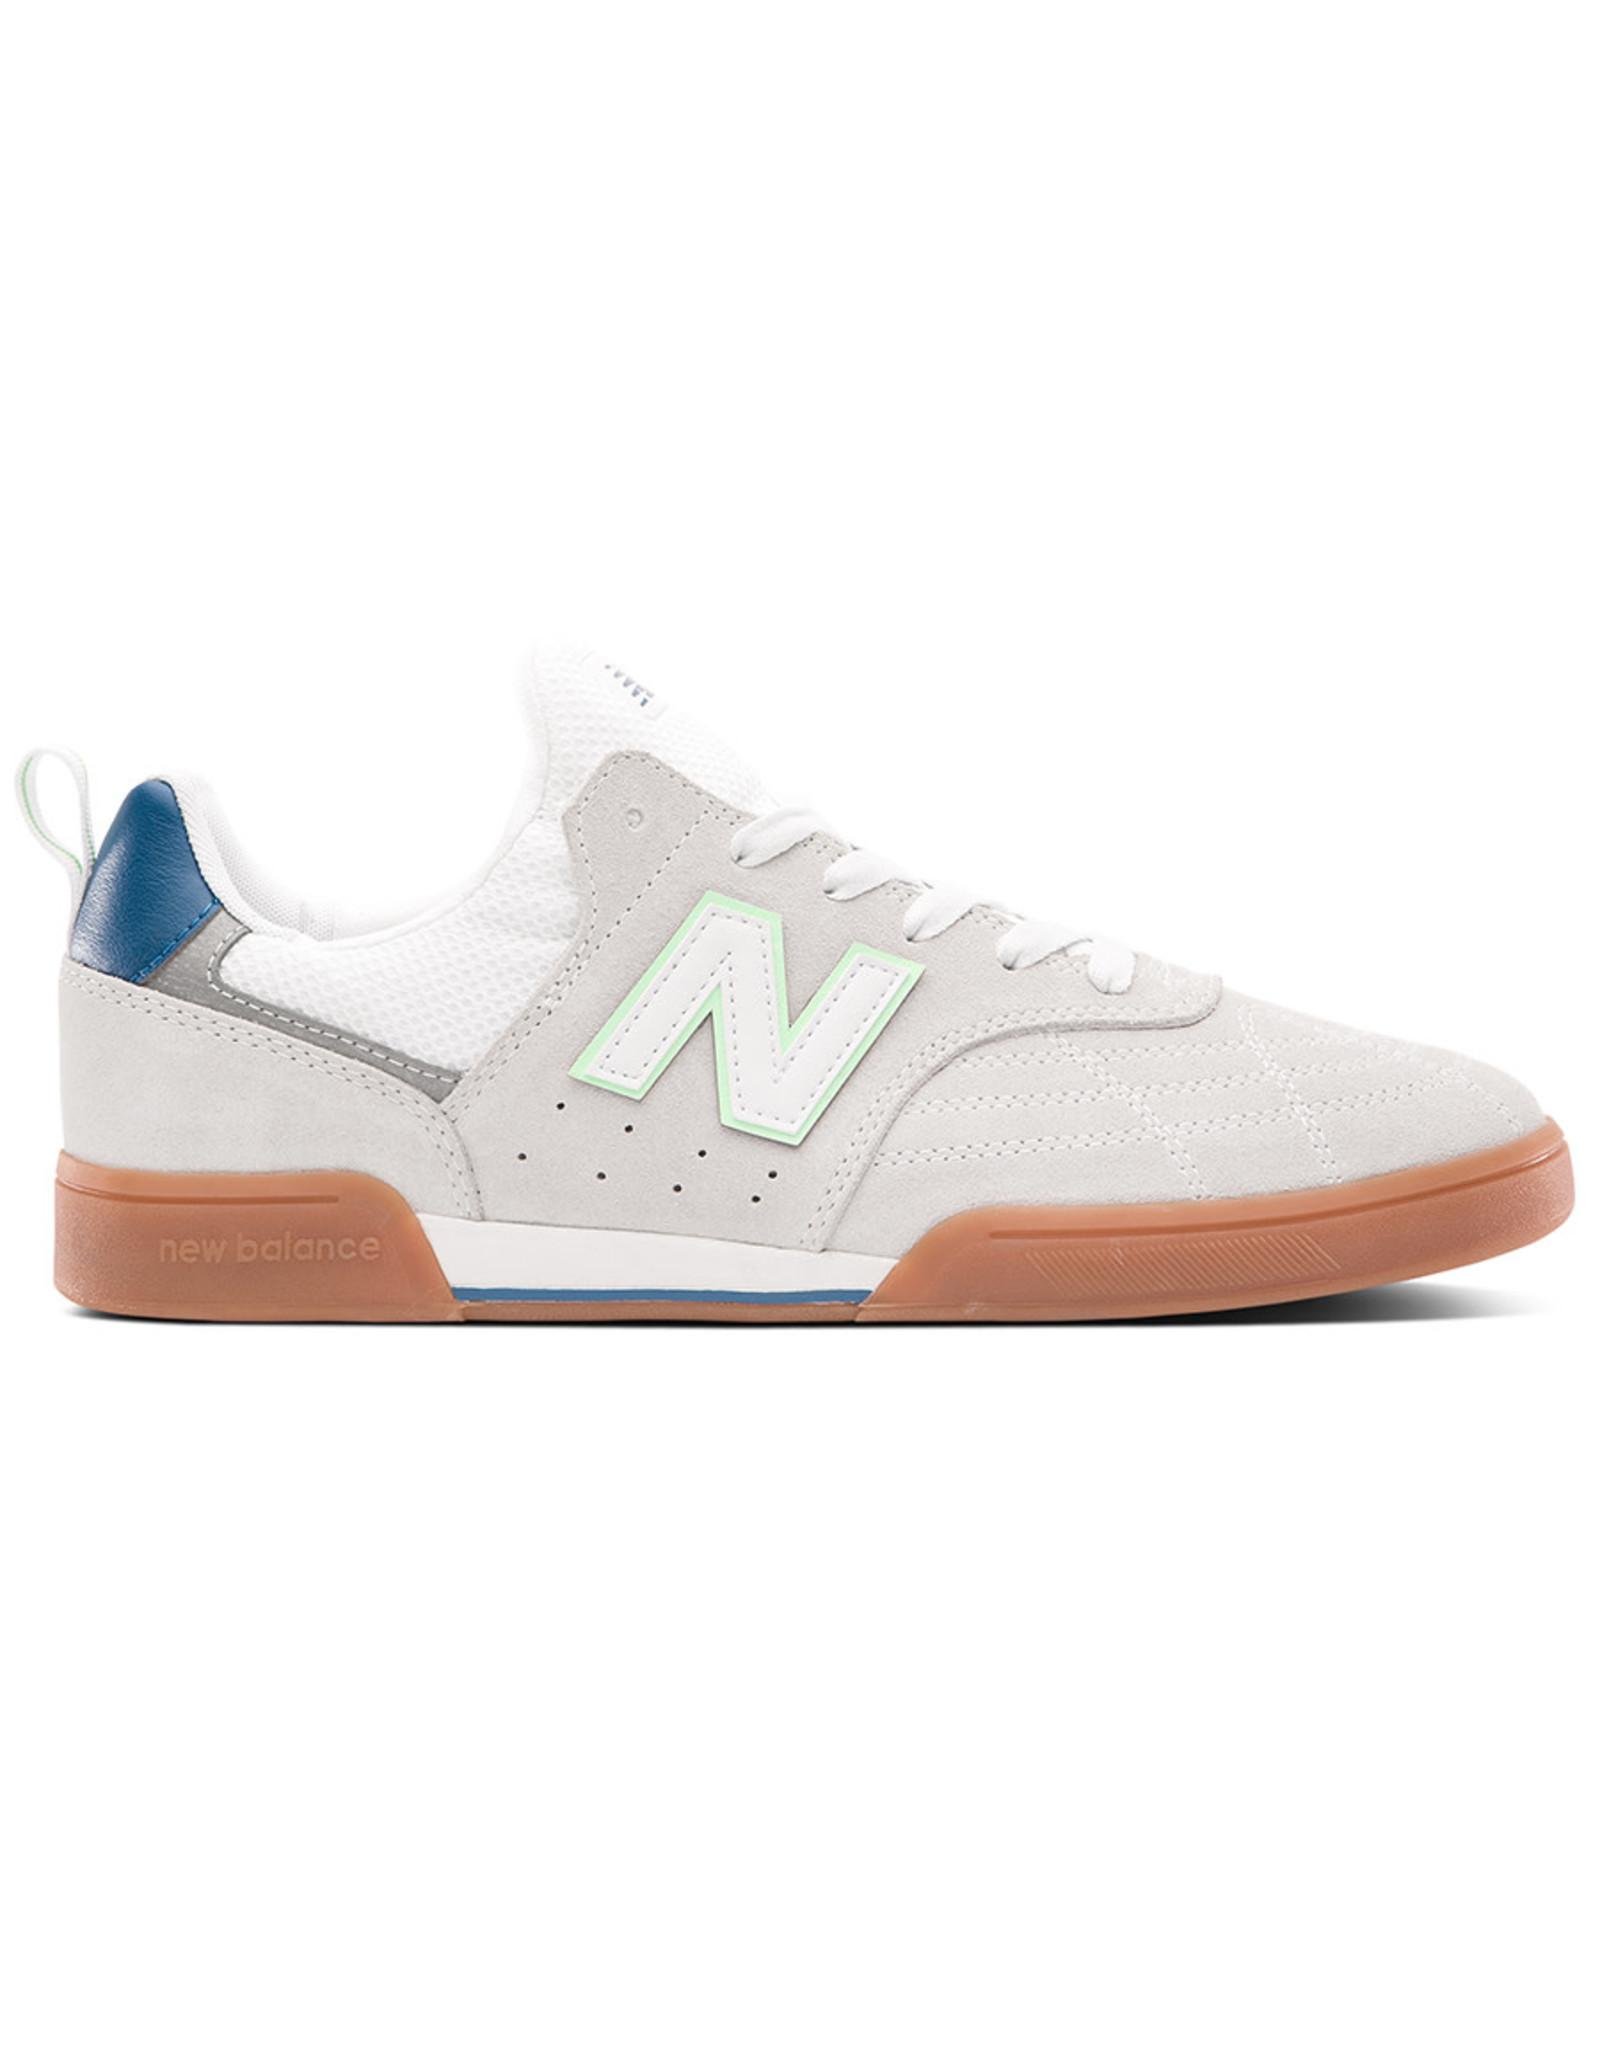 New Balance Numeric New Balance Numeric Shoe 288 (Off White/Gum)